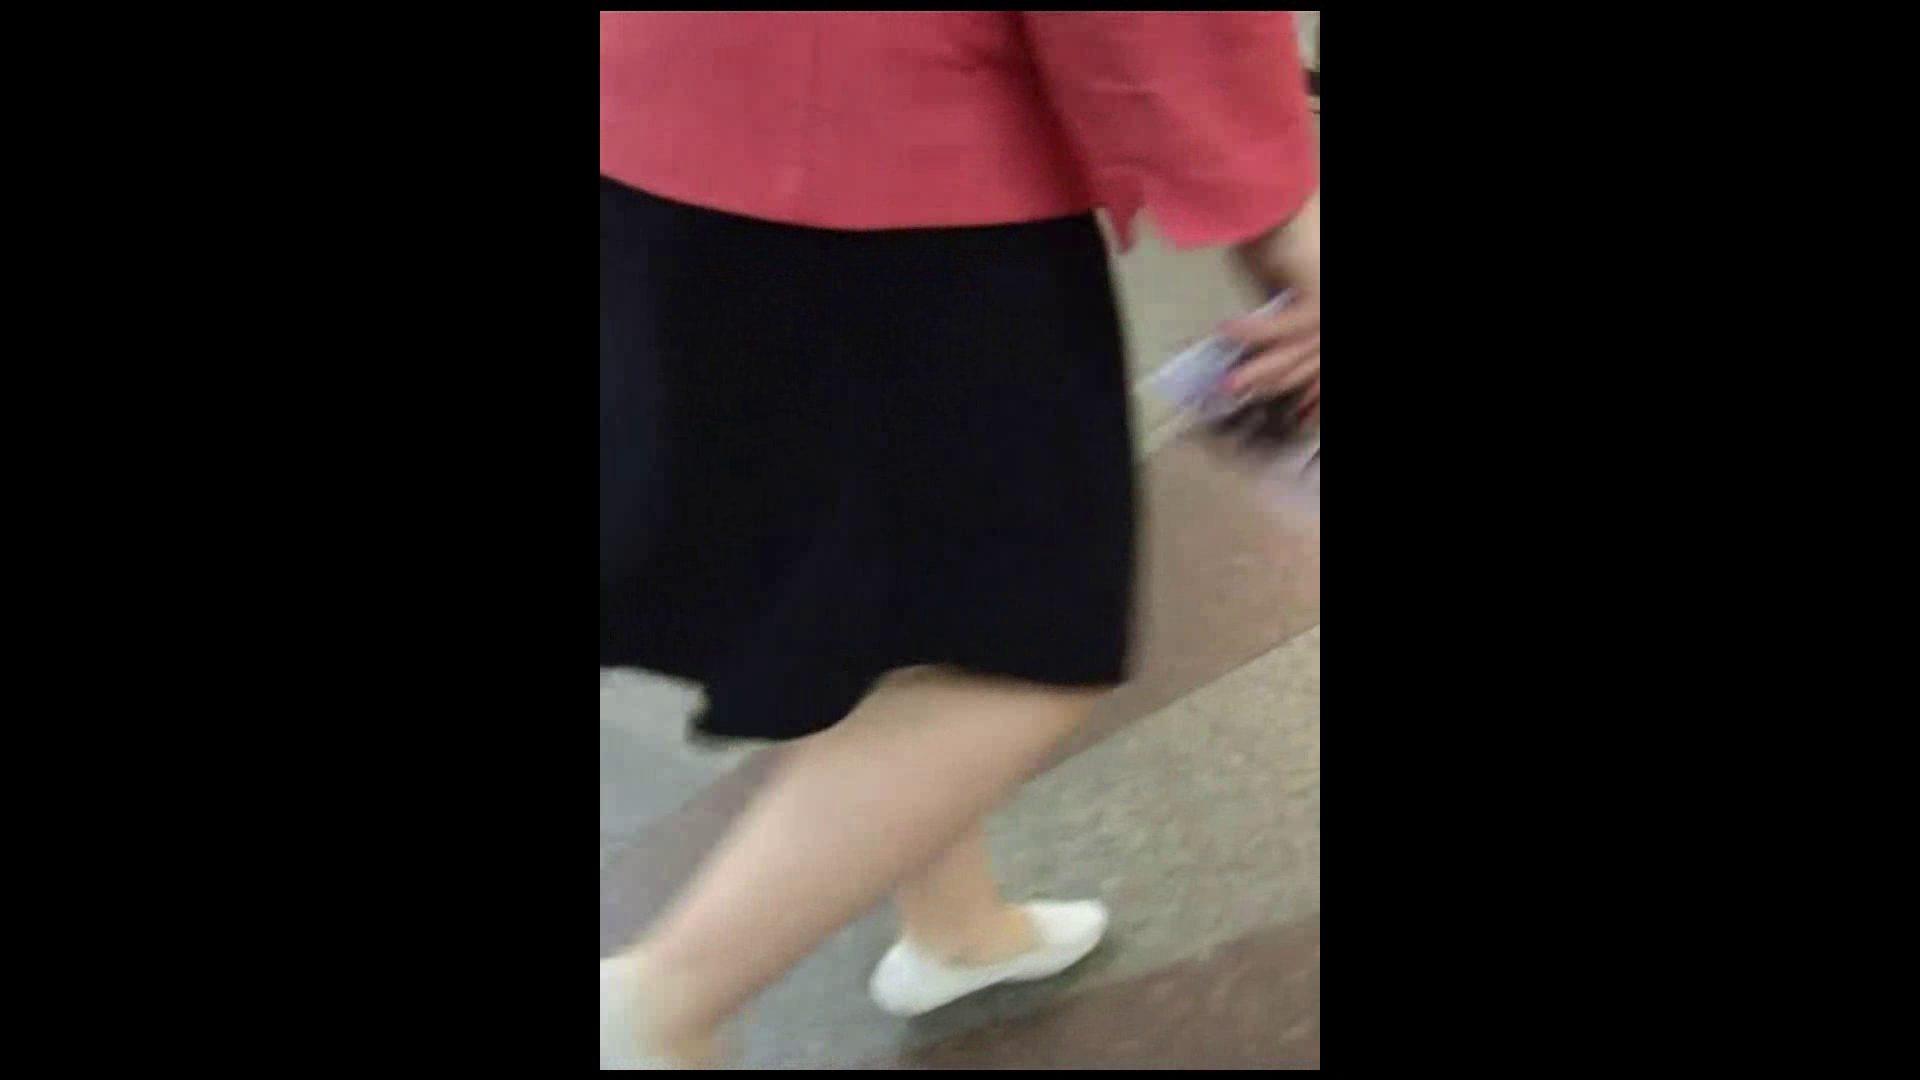 綺麗なモデルさんのスカート捲っちゃおう‼vol02 HなOL   モデルヌード  93pic 51